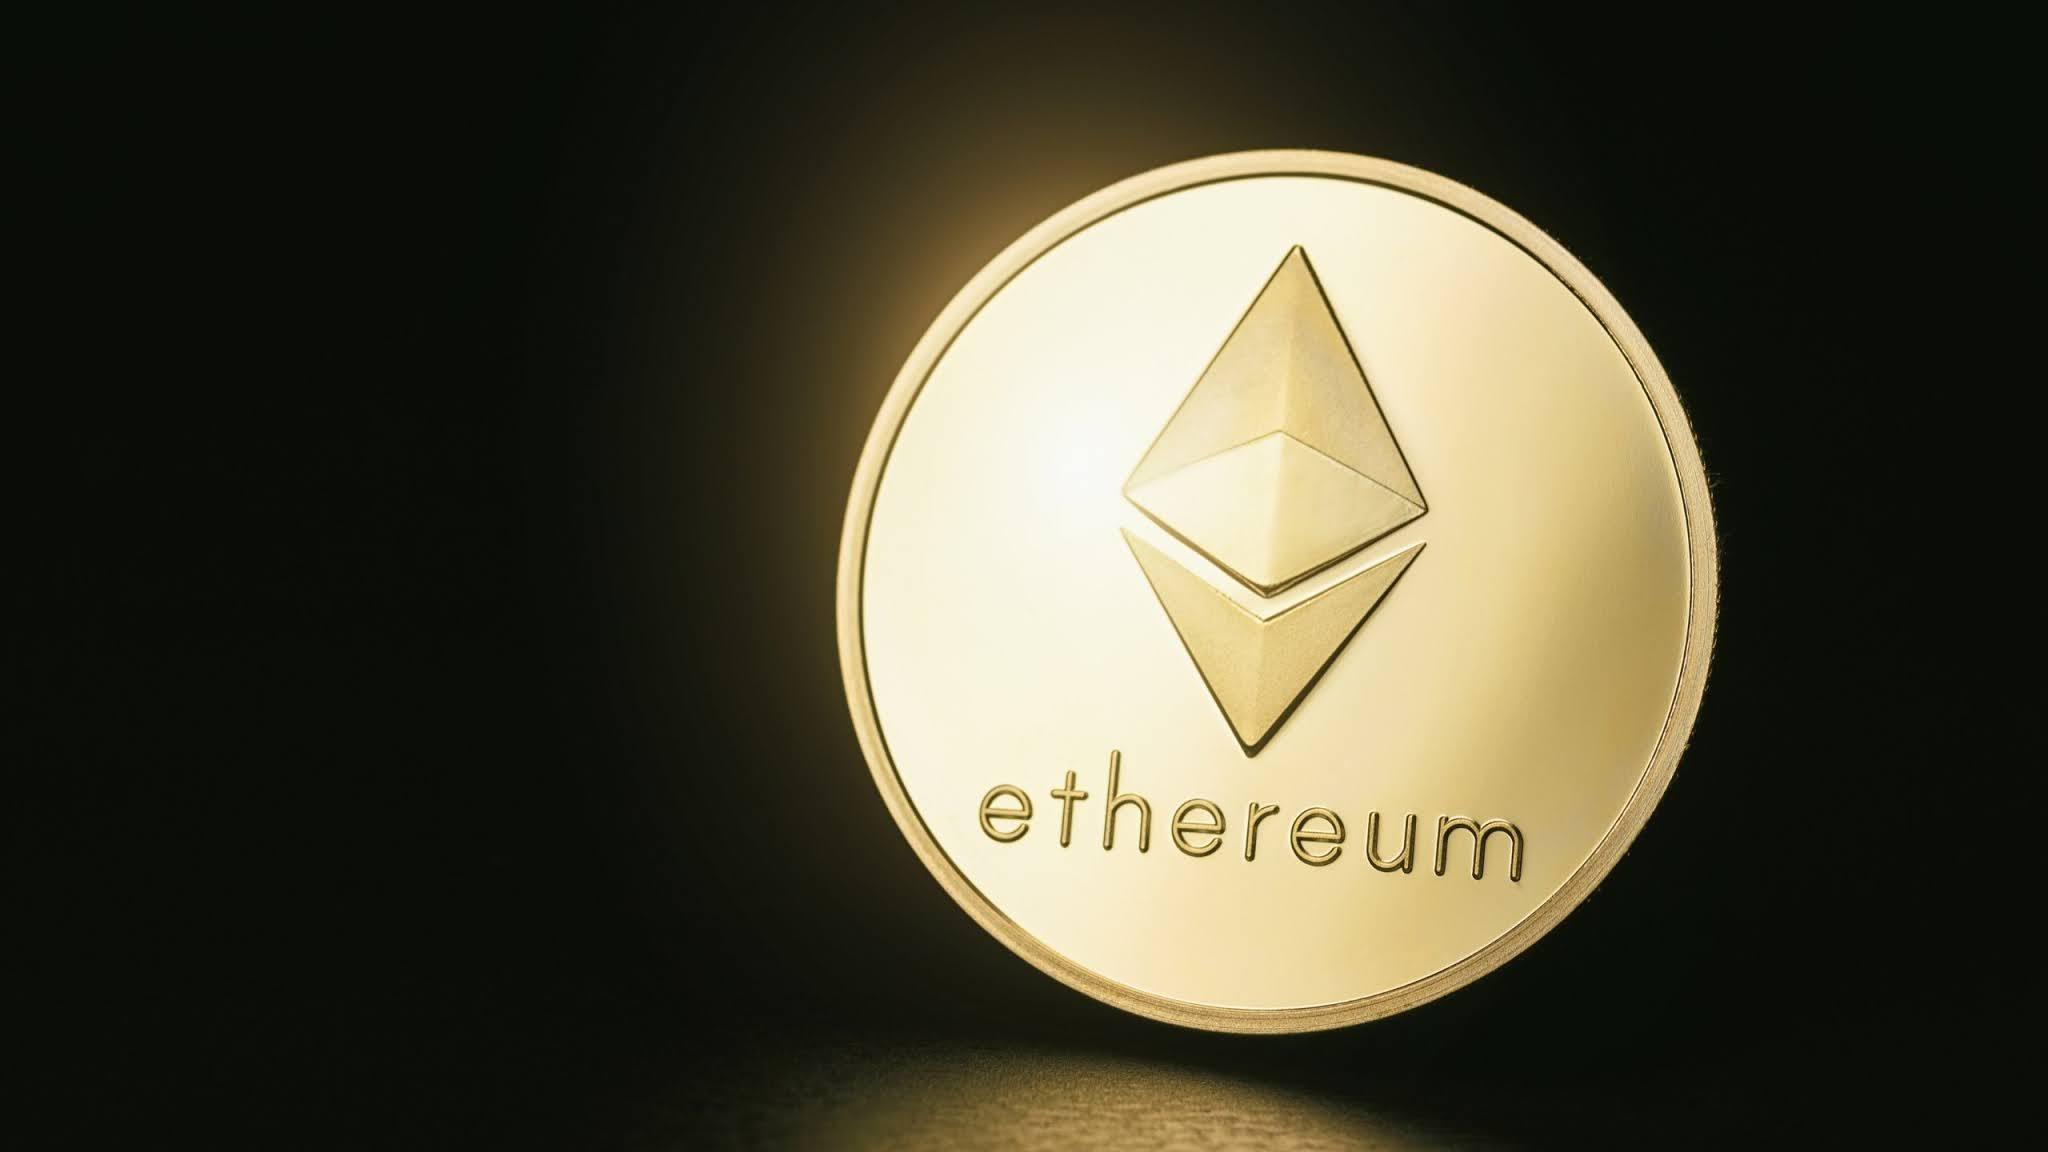 2 Dolardan Ethereum Alan Yatırımcı, Tüm Varlığını Satıyor!